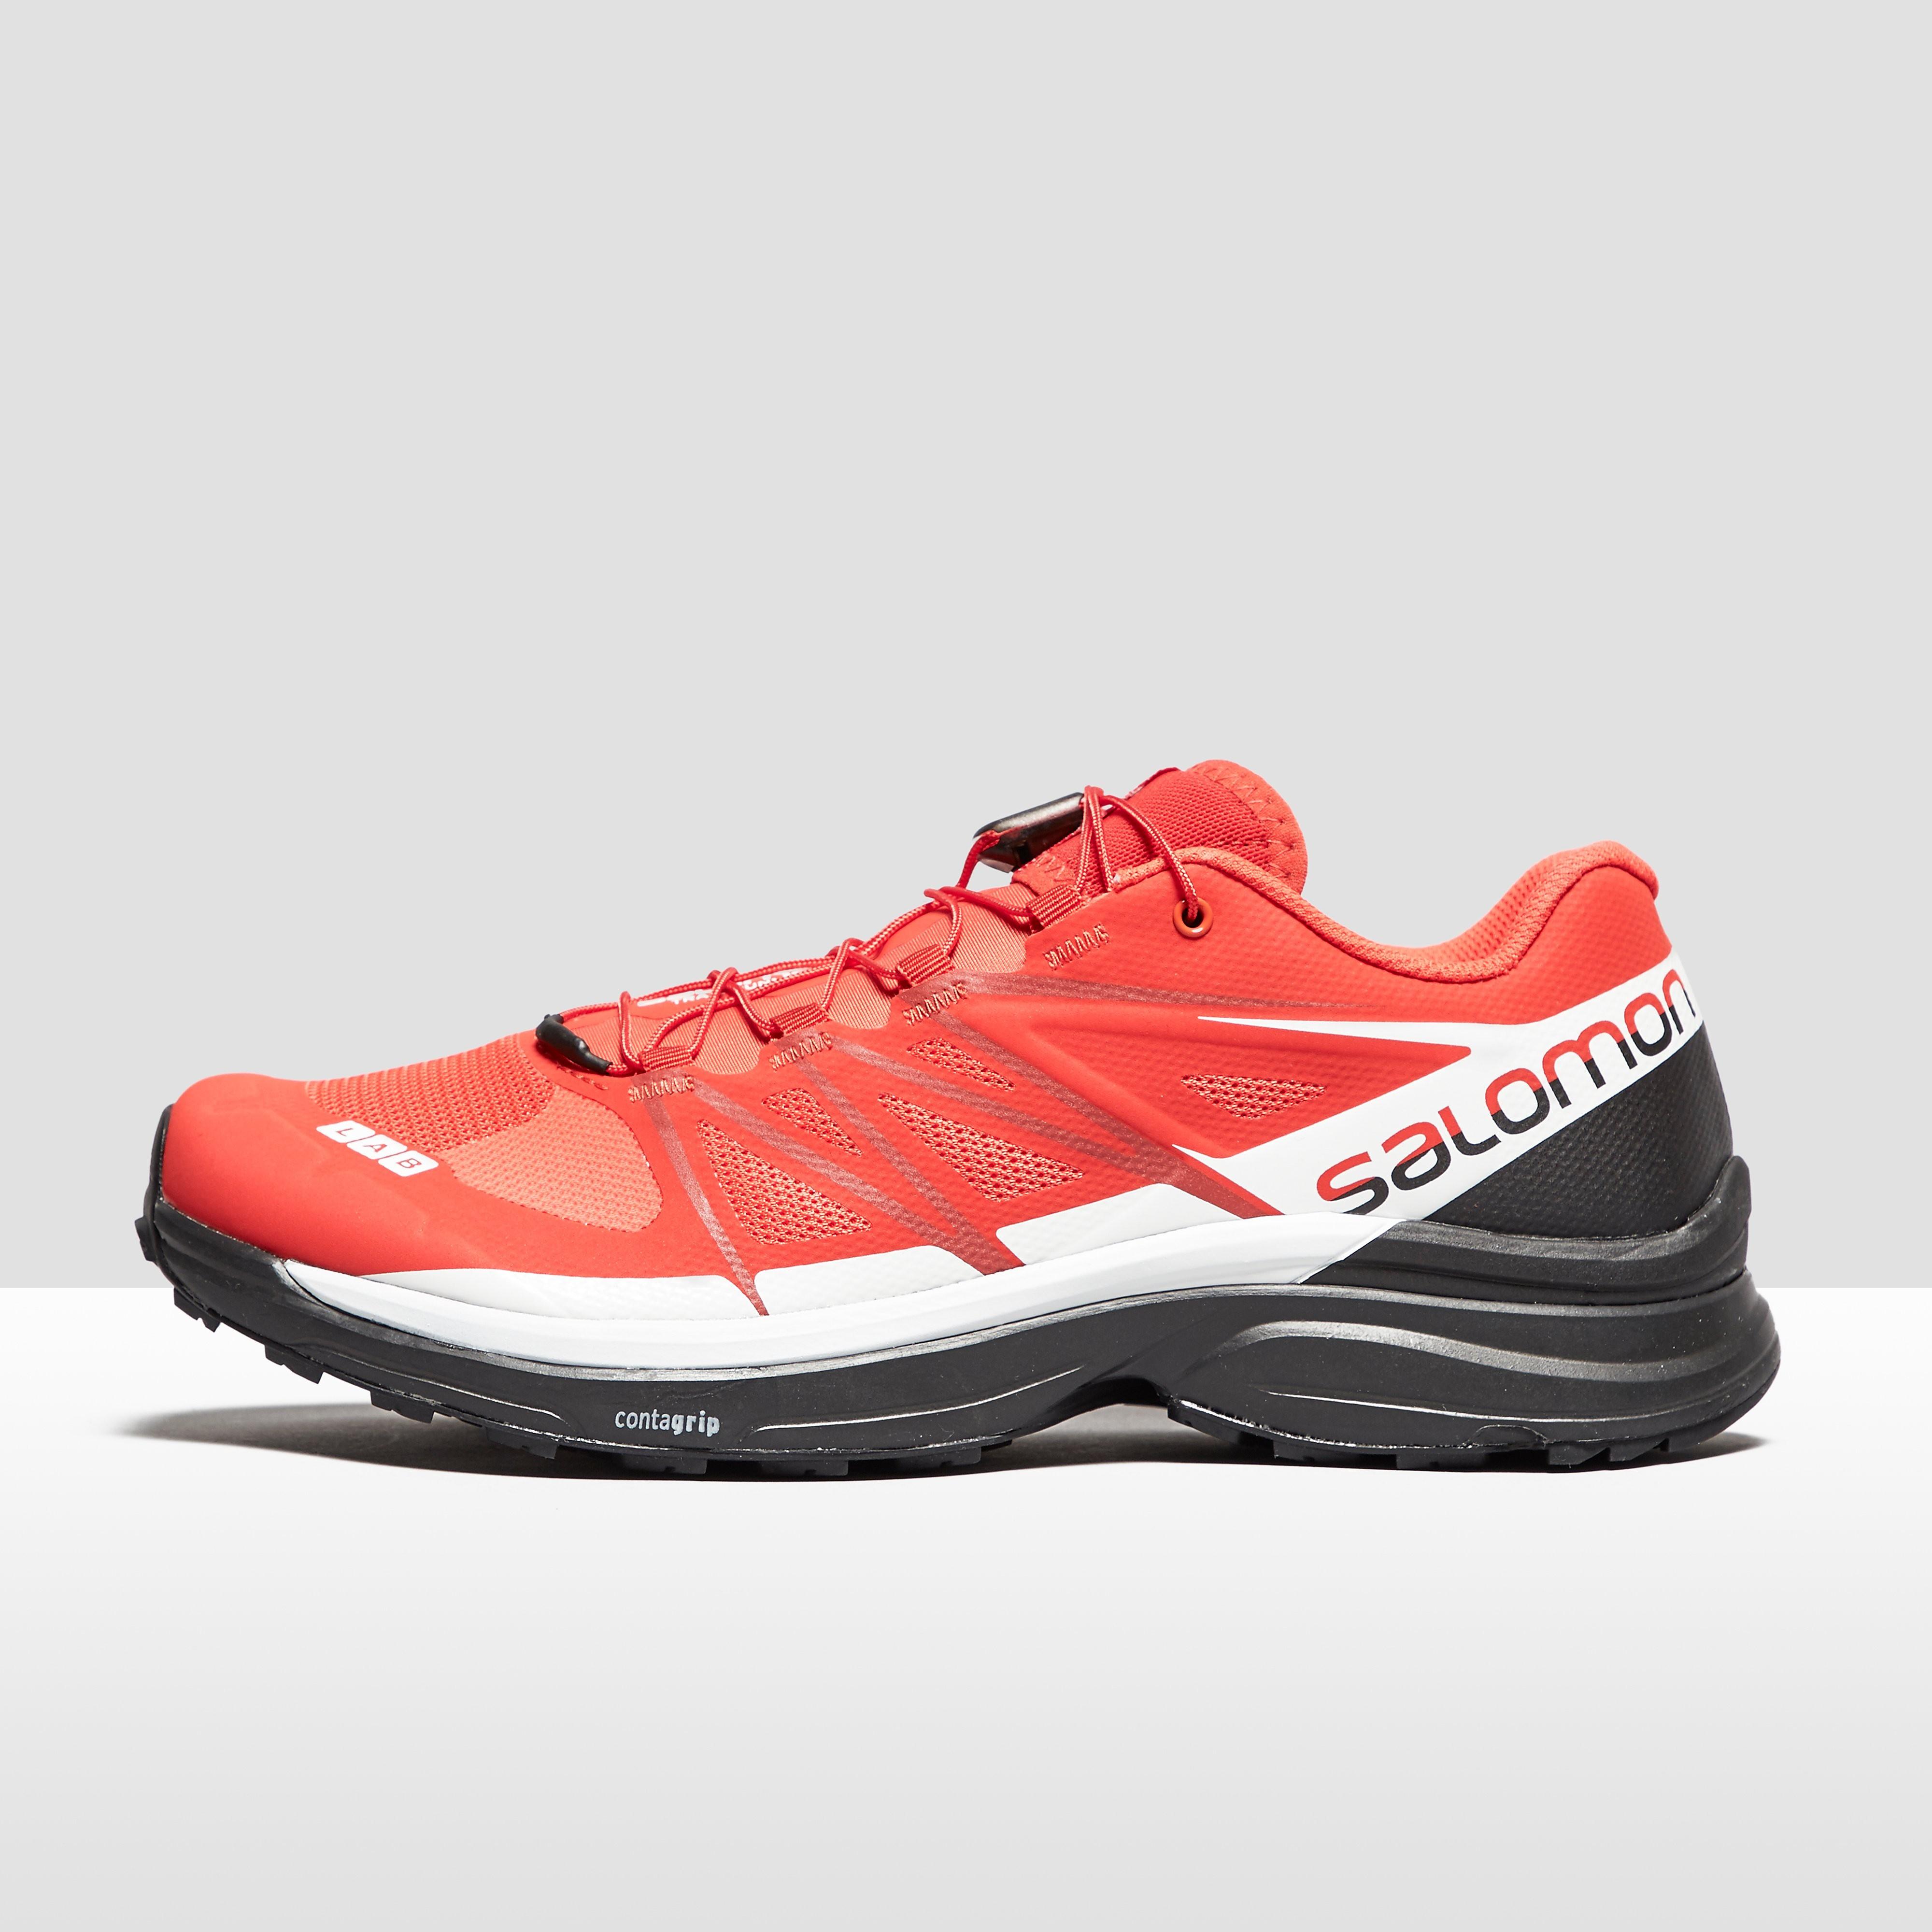 Salomon Men's S-Lab Sense 6 SG Shoes